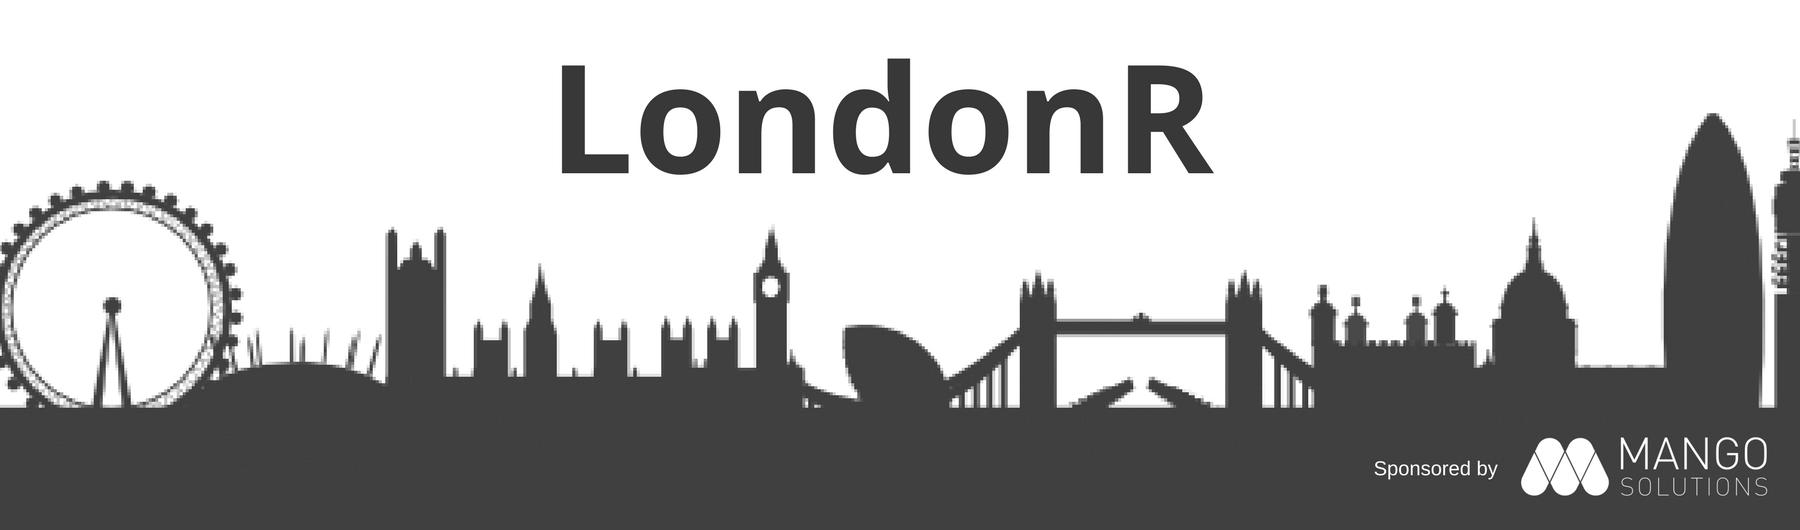 LondonR 25 September 2018